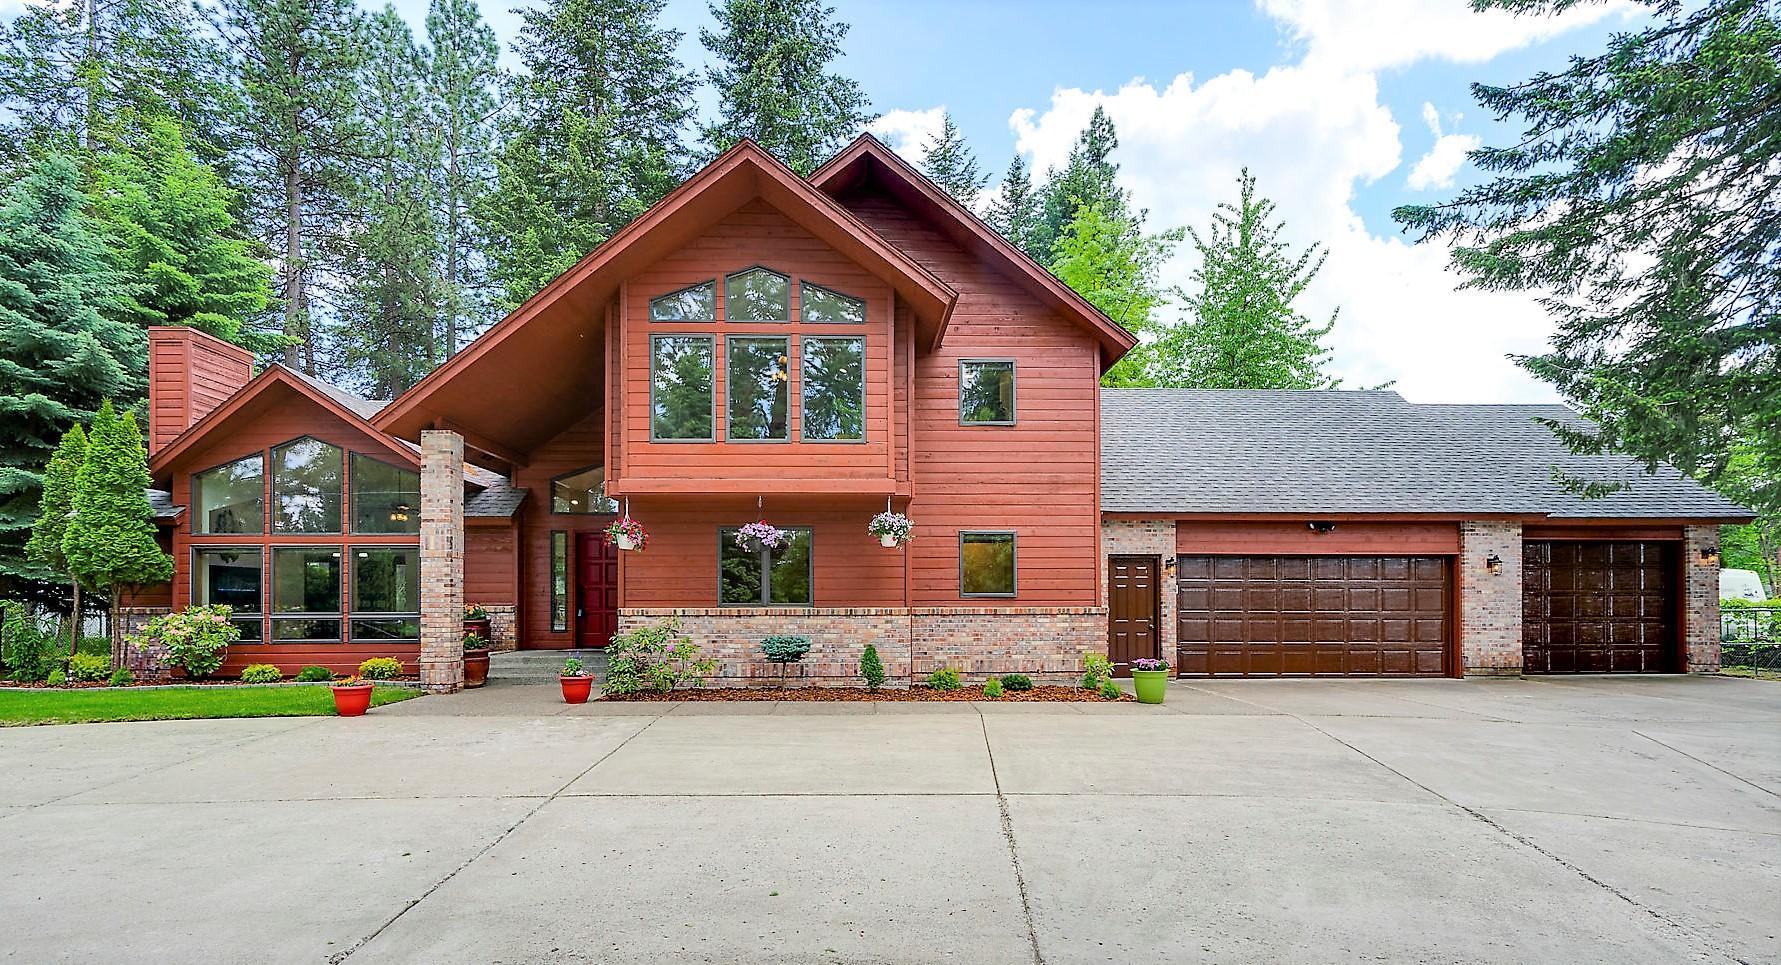 photo of 1670 E HAYDEN AVE Hayden Lake Idaho 83835